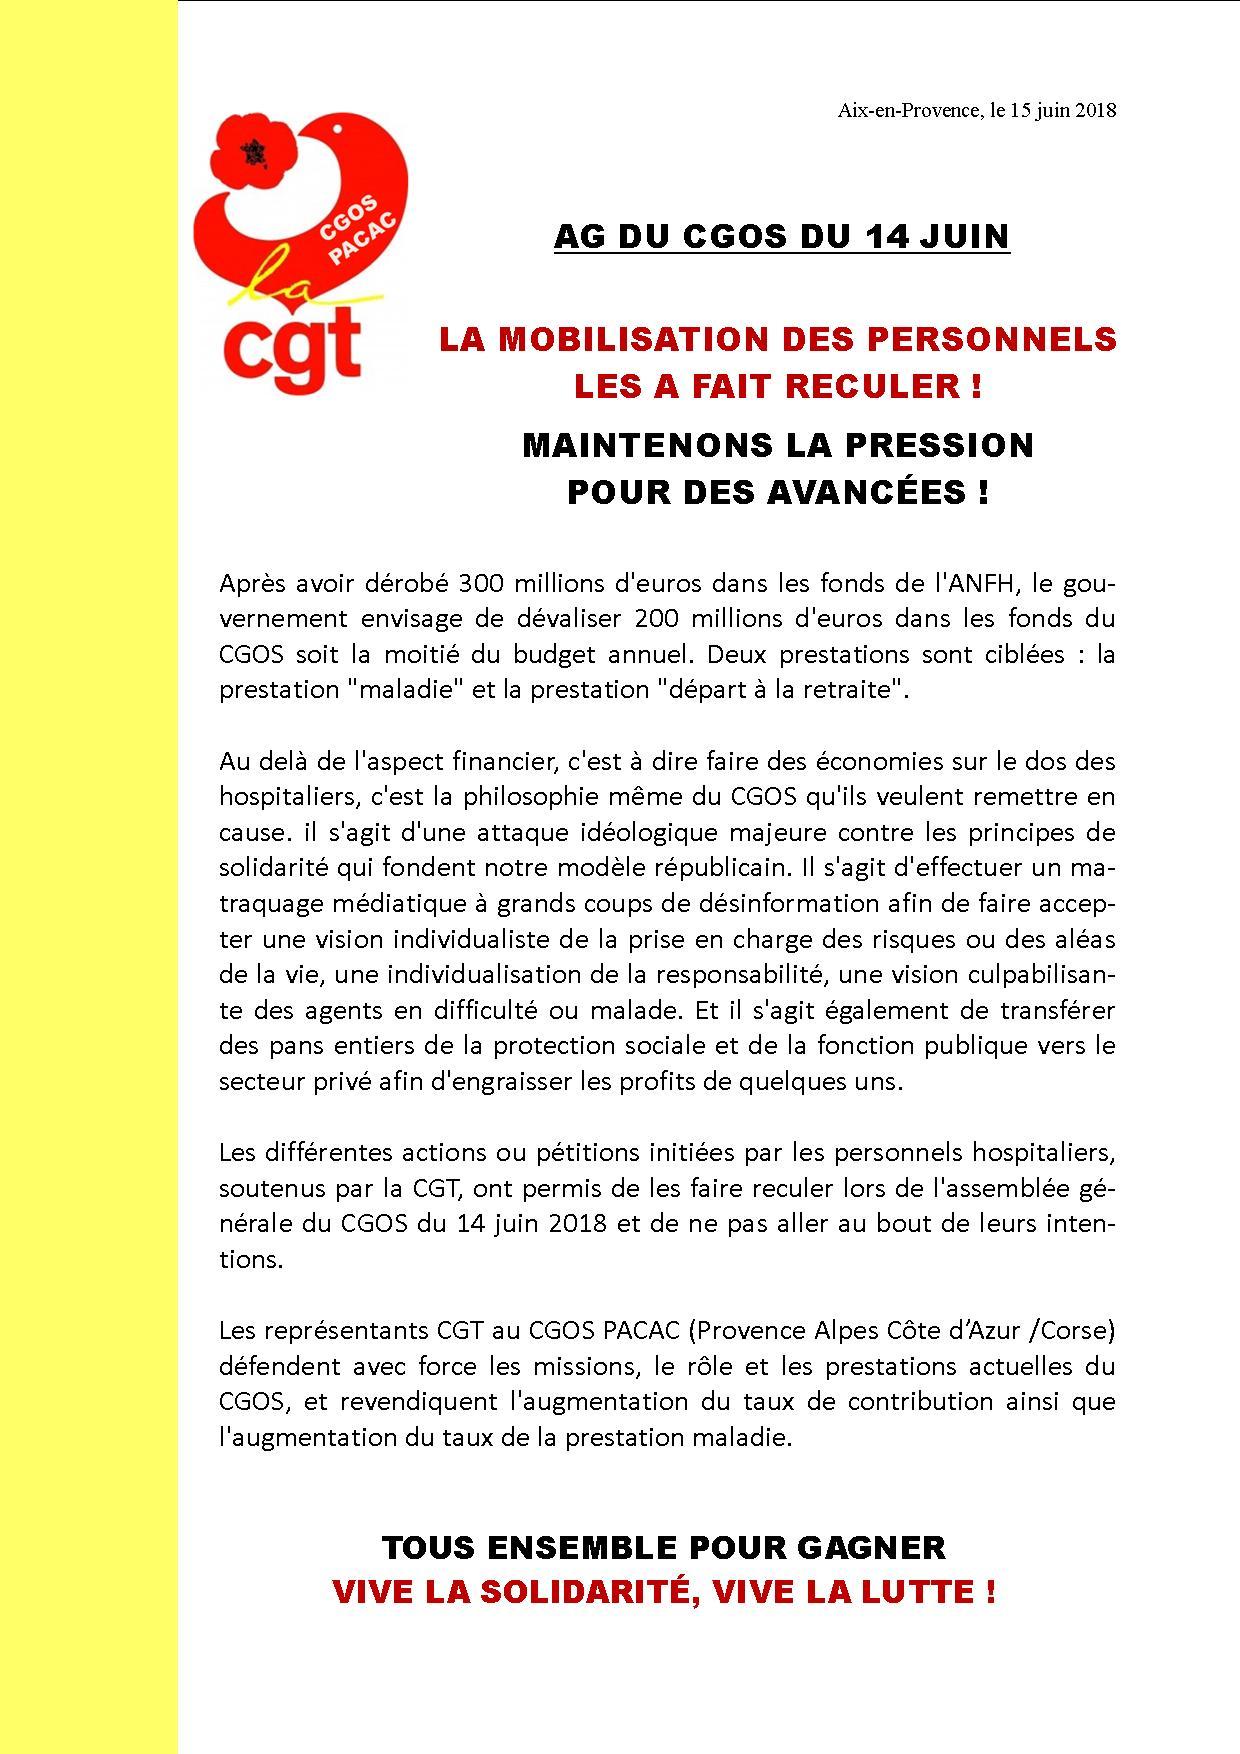 Communiqué CGT CGOS PACA Corse